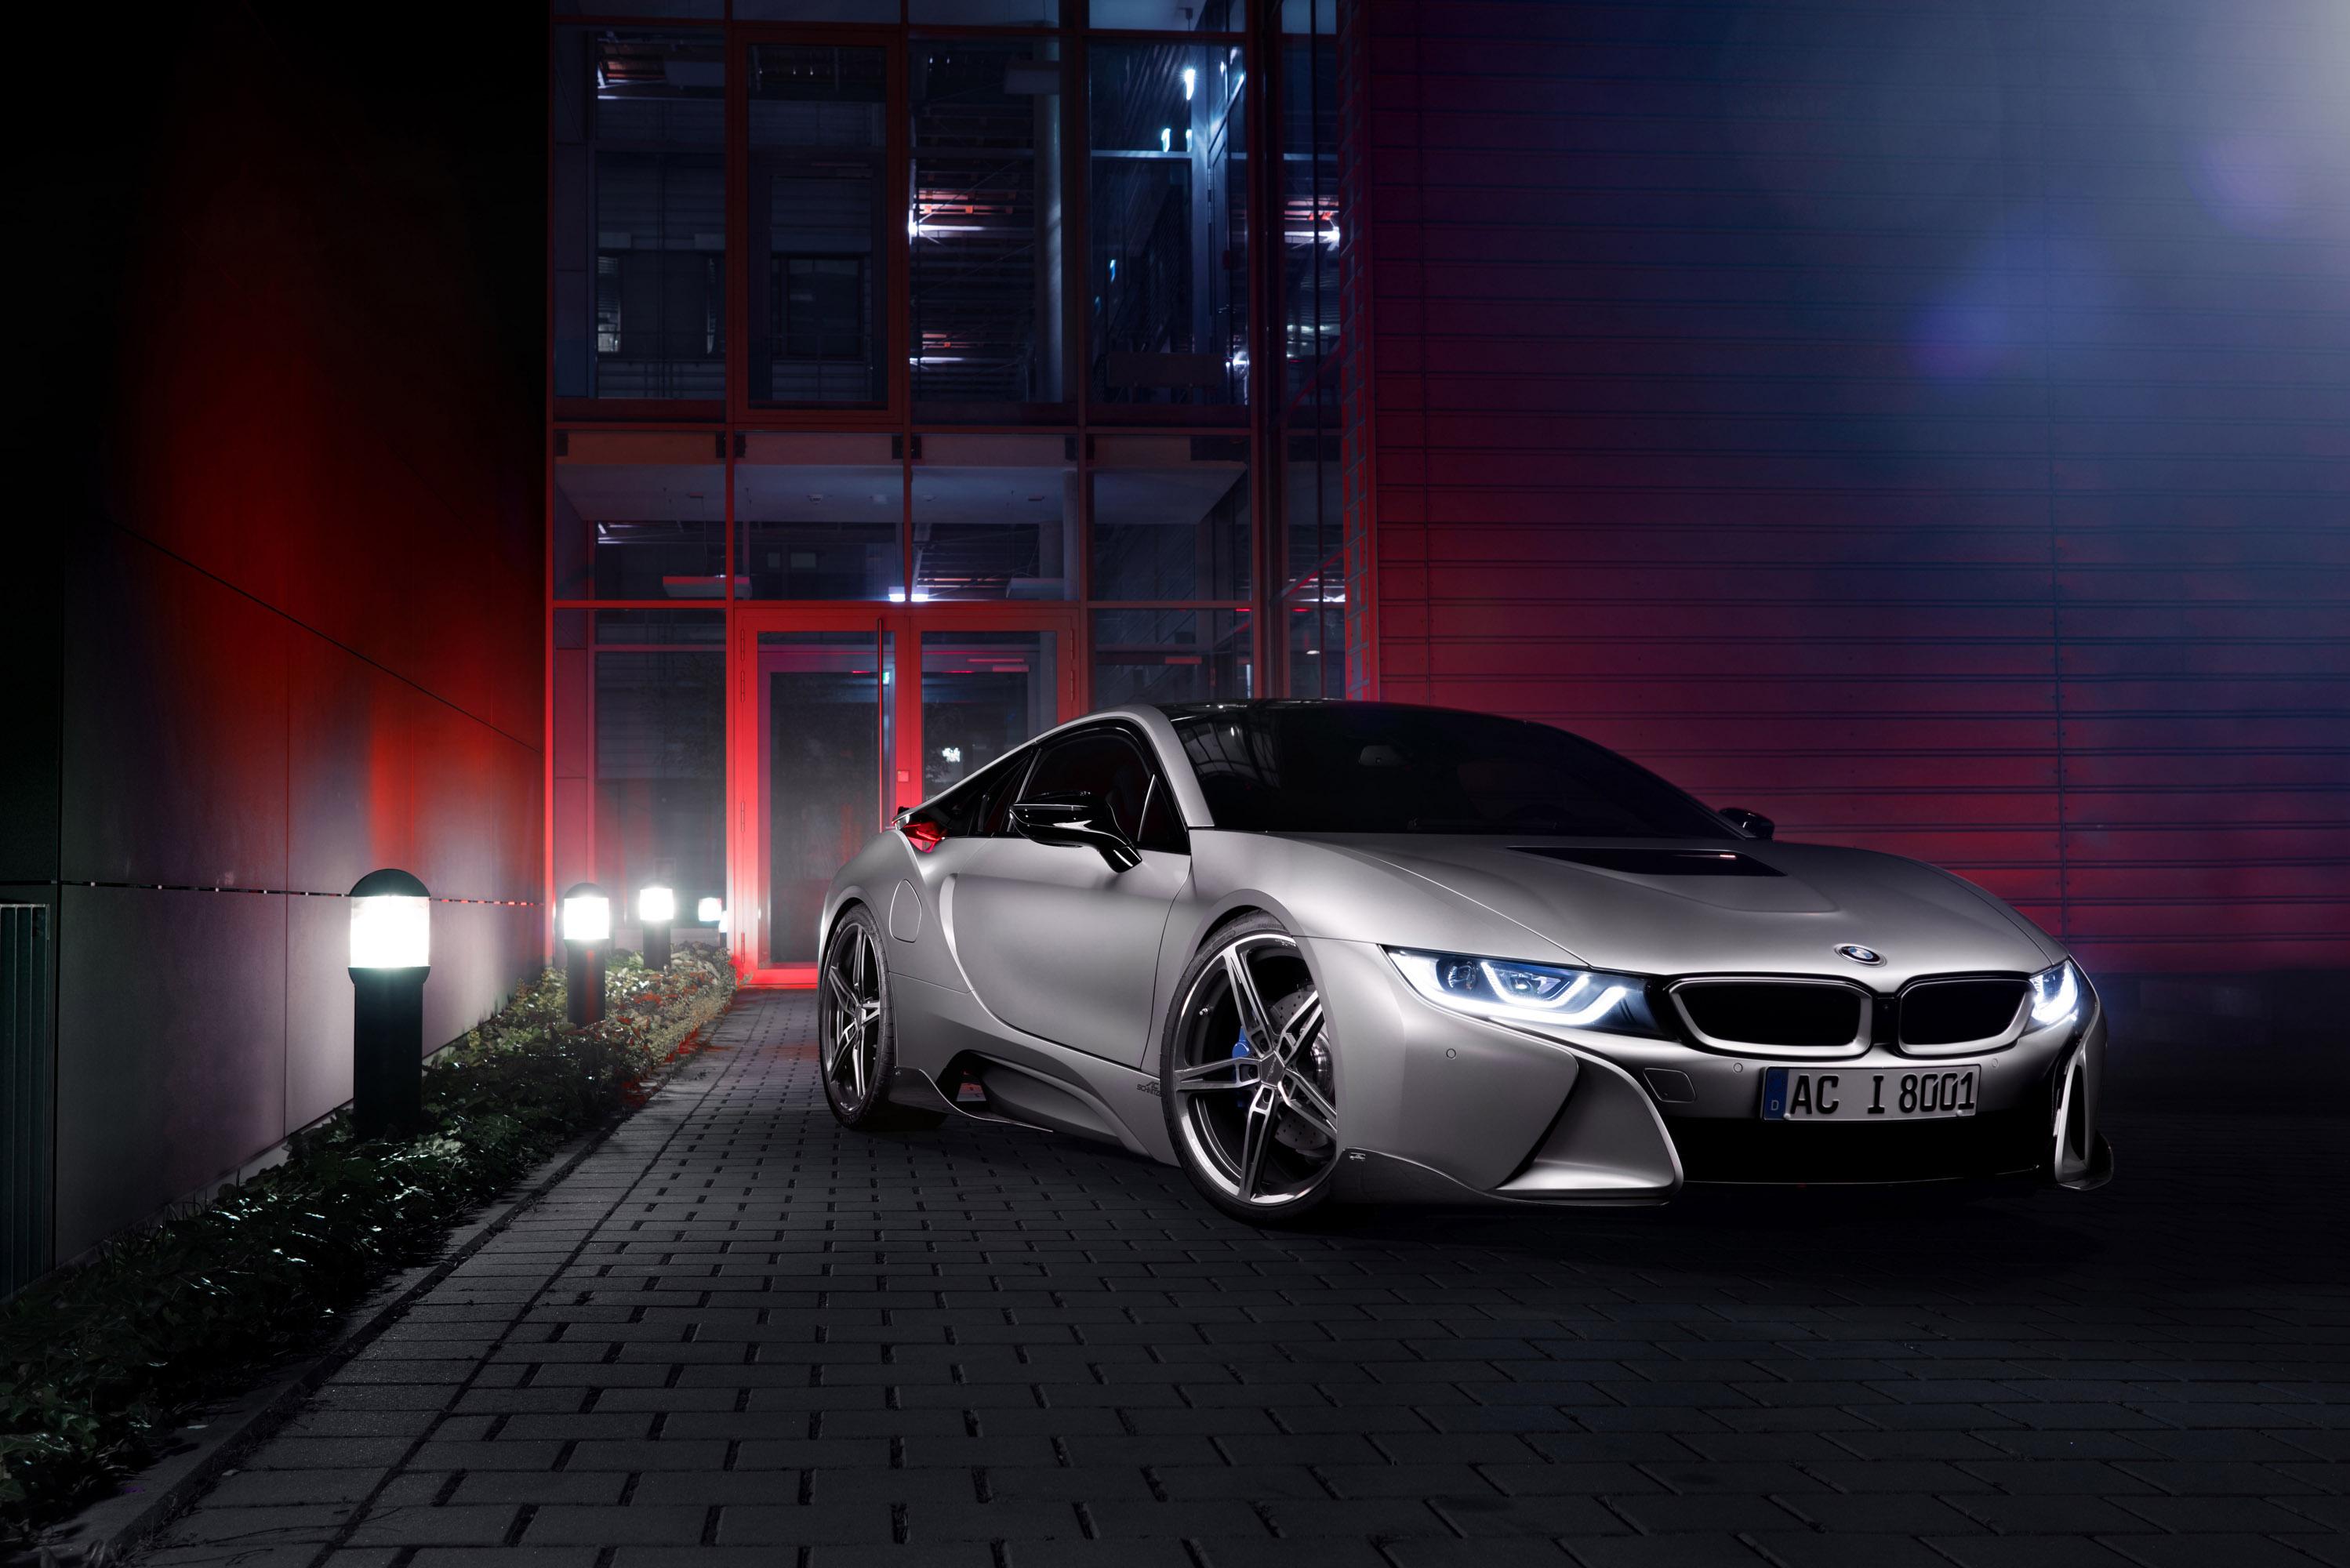 AC Schnitzer BMW i8 photo #1